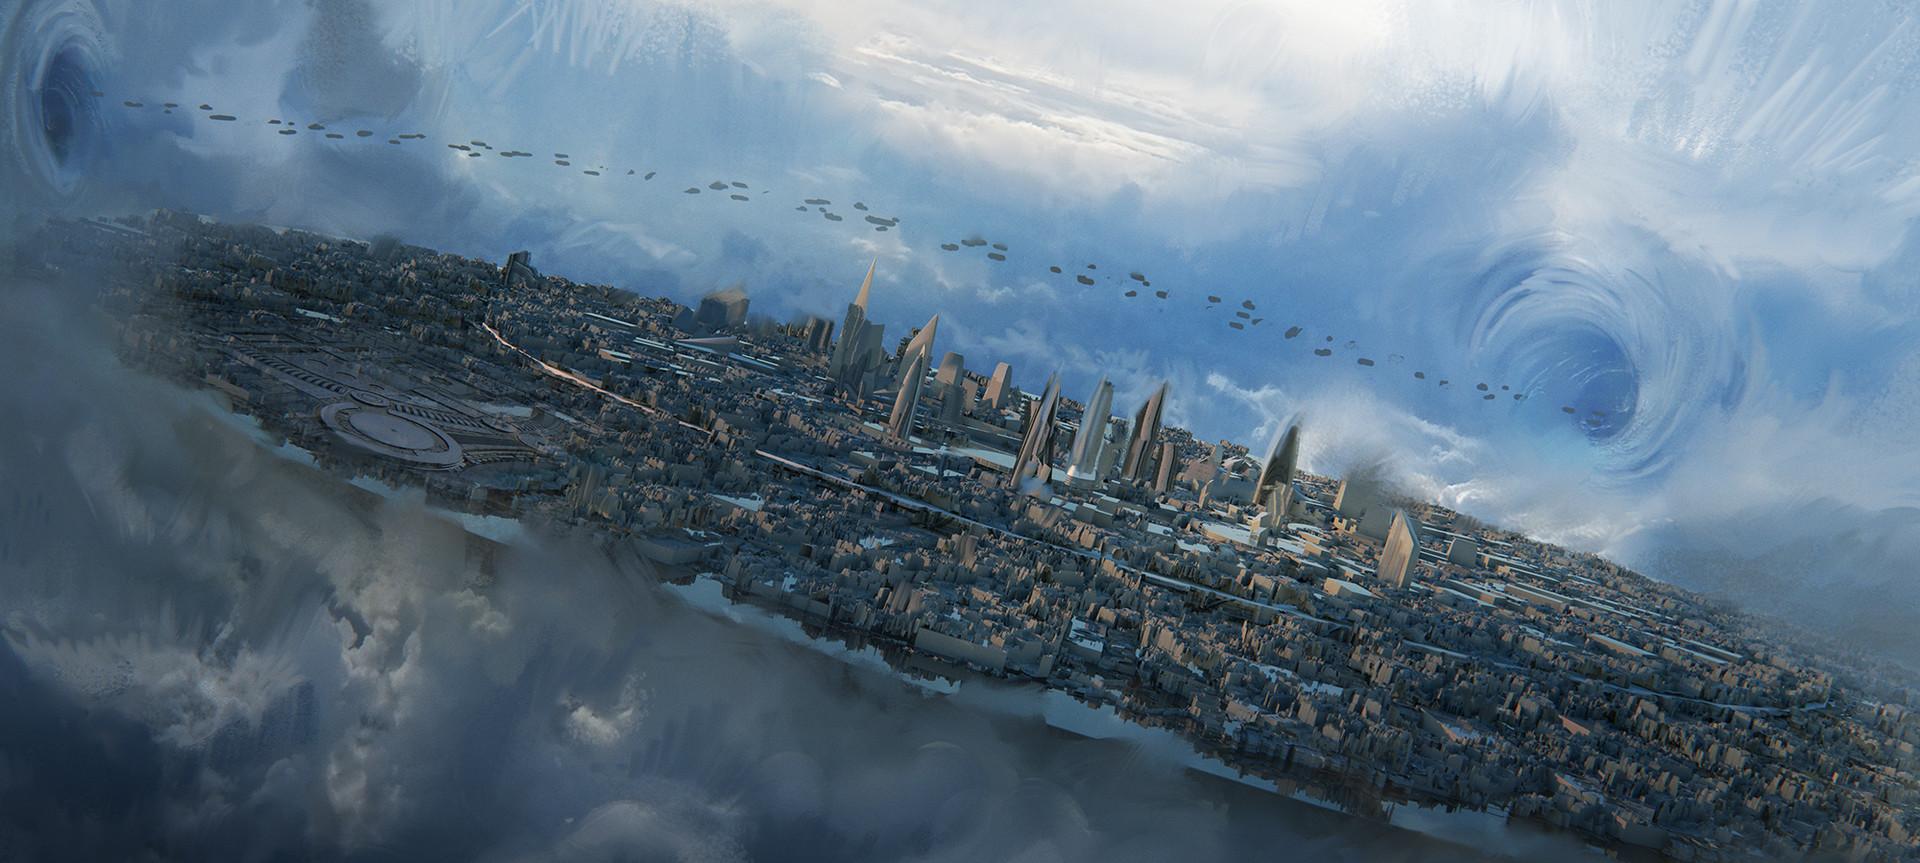 Leon tukker rift citysmall